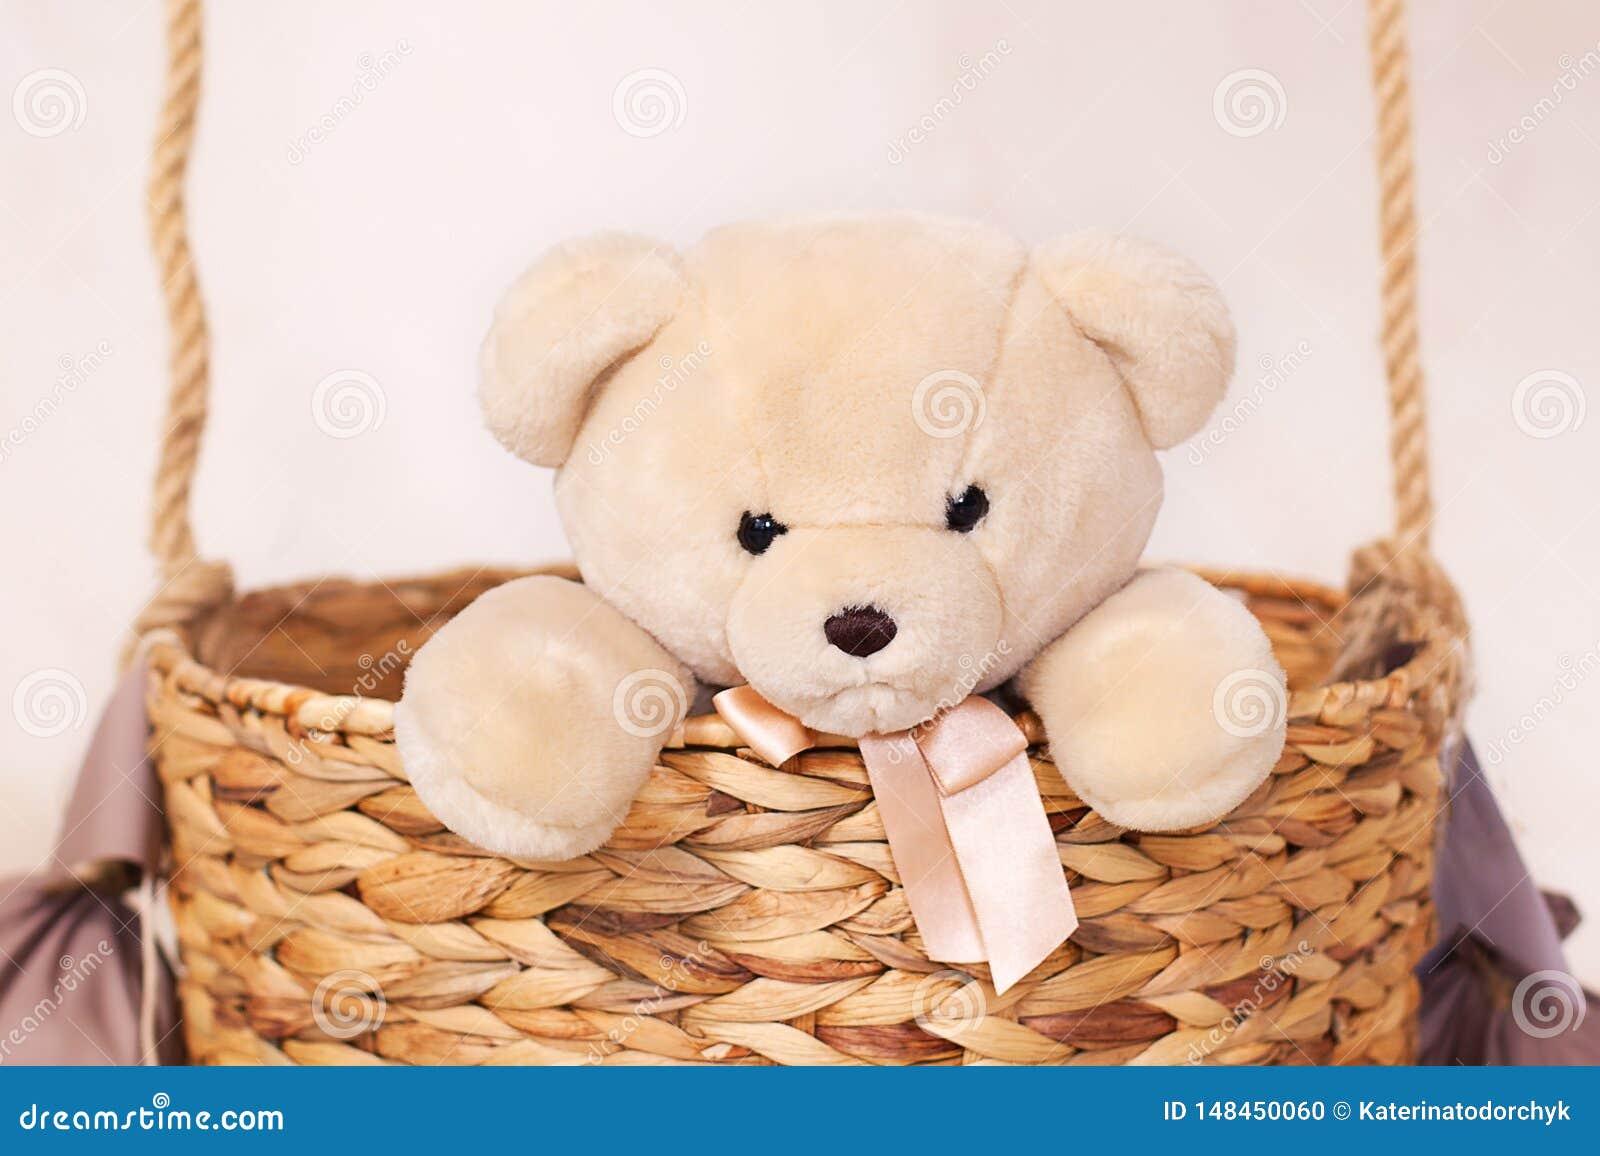 Детские игры с медведем плюша Игрушки детей Игрушечный сидя в корзине аэростата, аэростат Ретро плюшевый мишка Плюшевый мишка игр